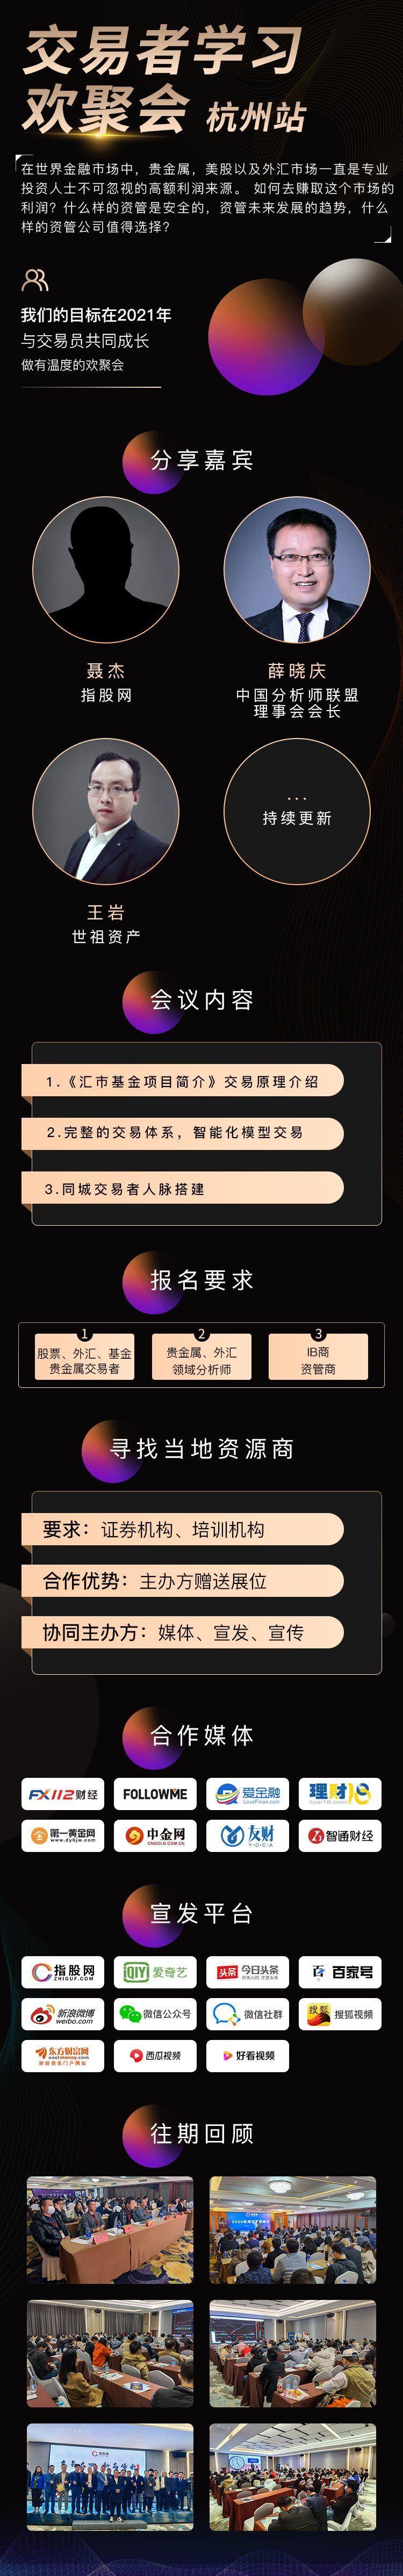 交易者学习-杭州.png